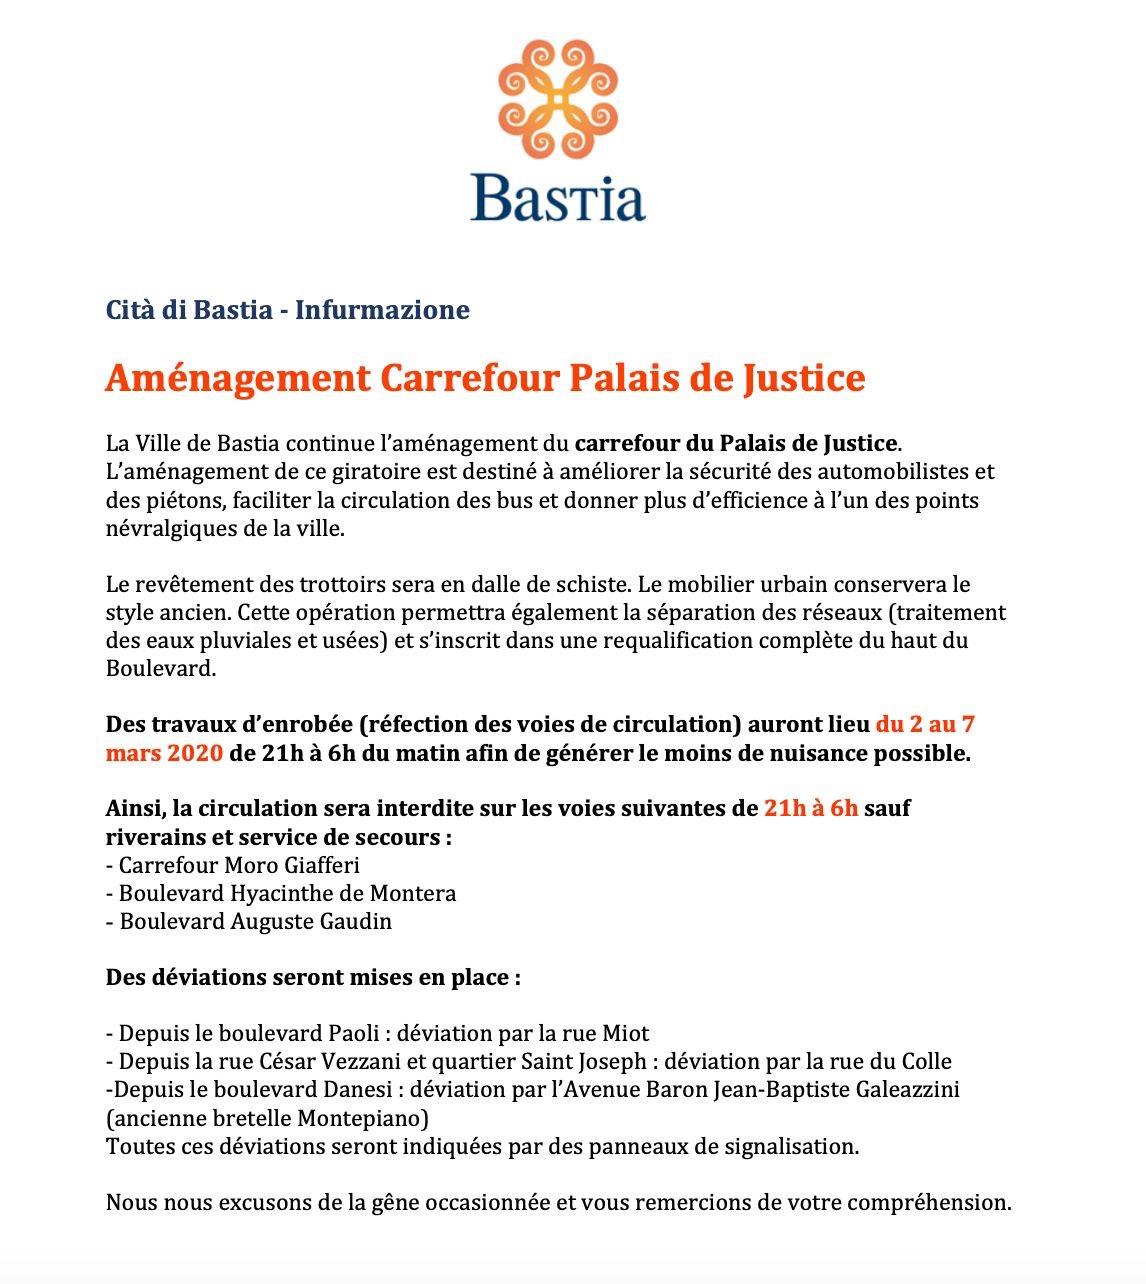 Bastia : Le bd Gaudin et le bd Montera fermés à la circulation les nuits du 2 au 7 mars